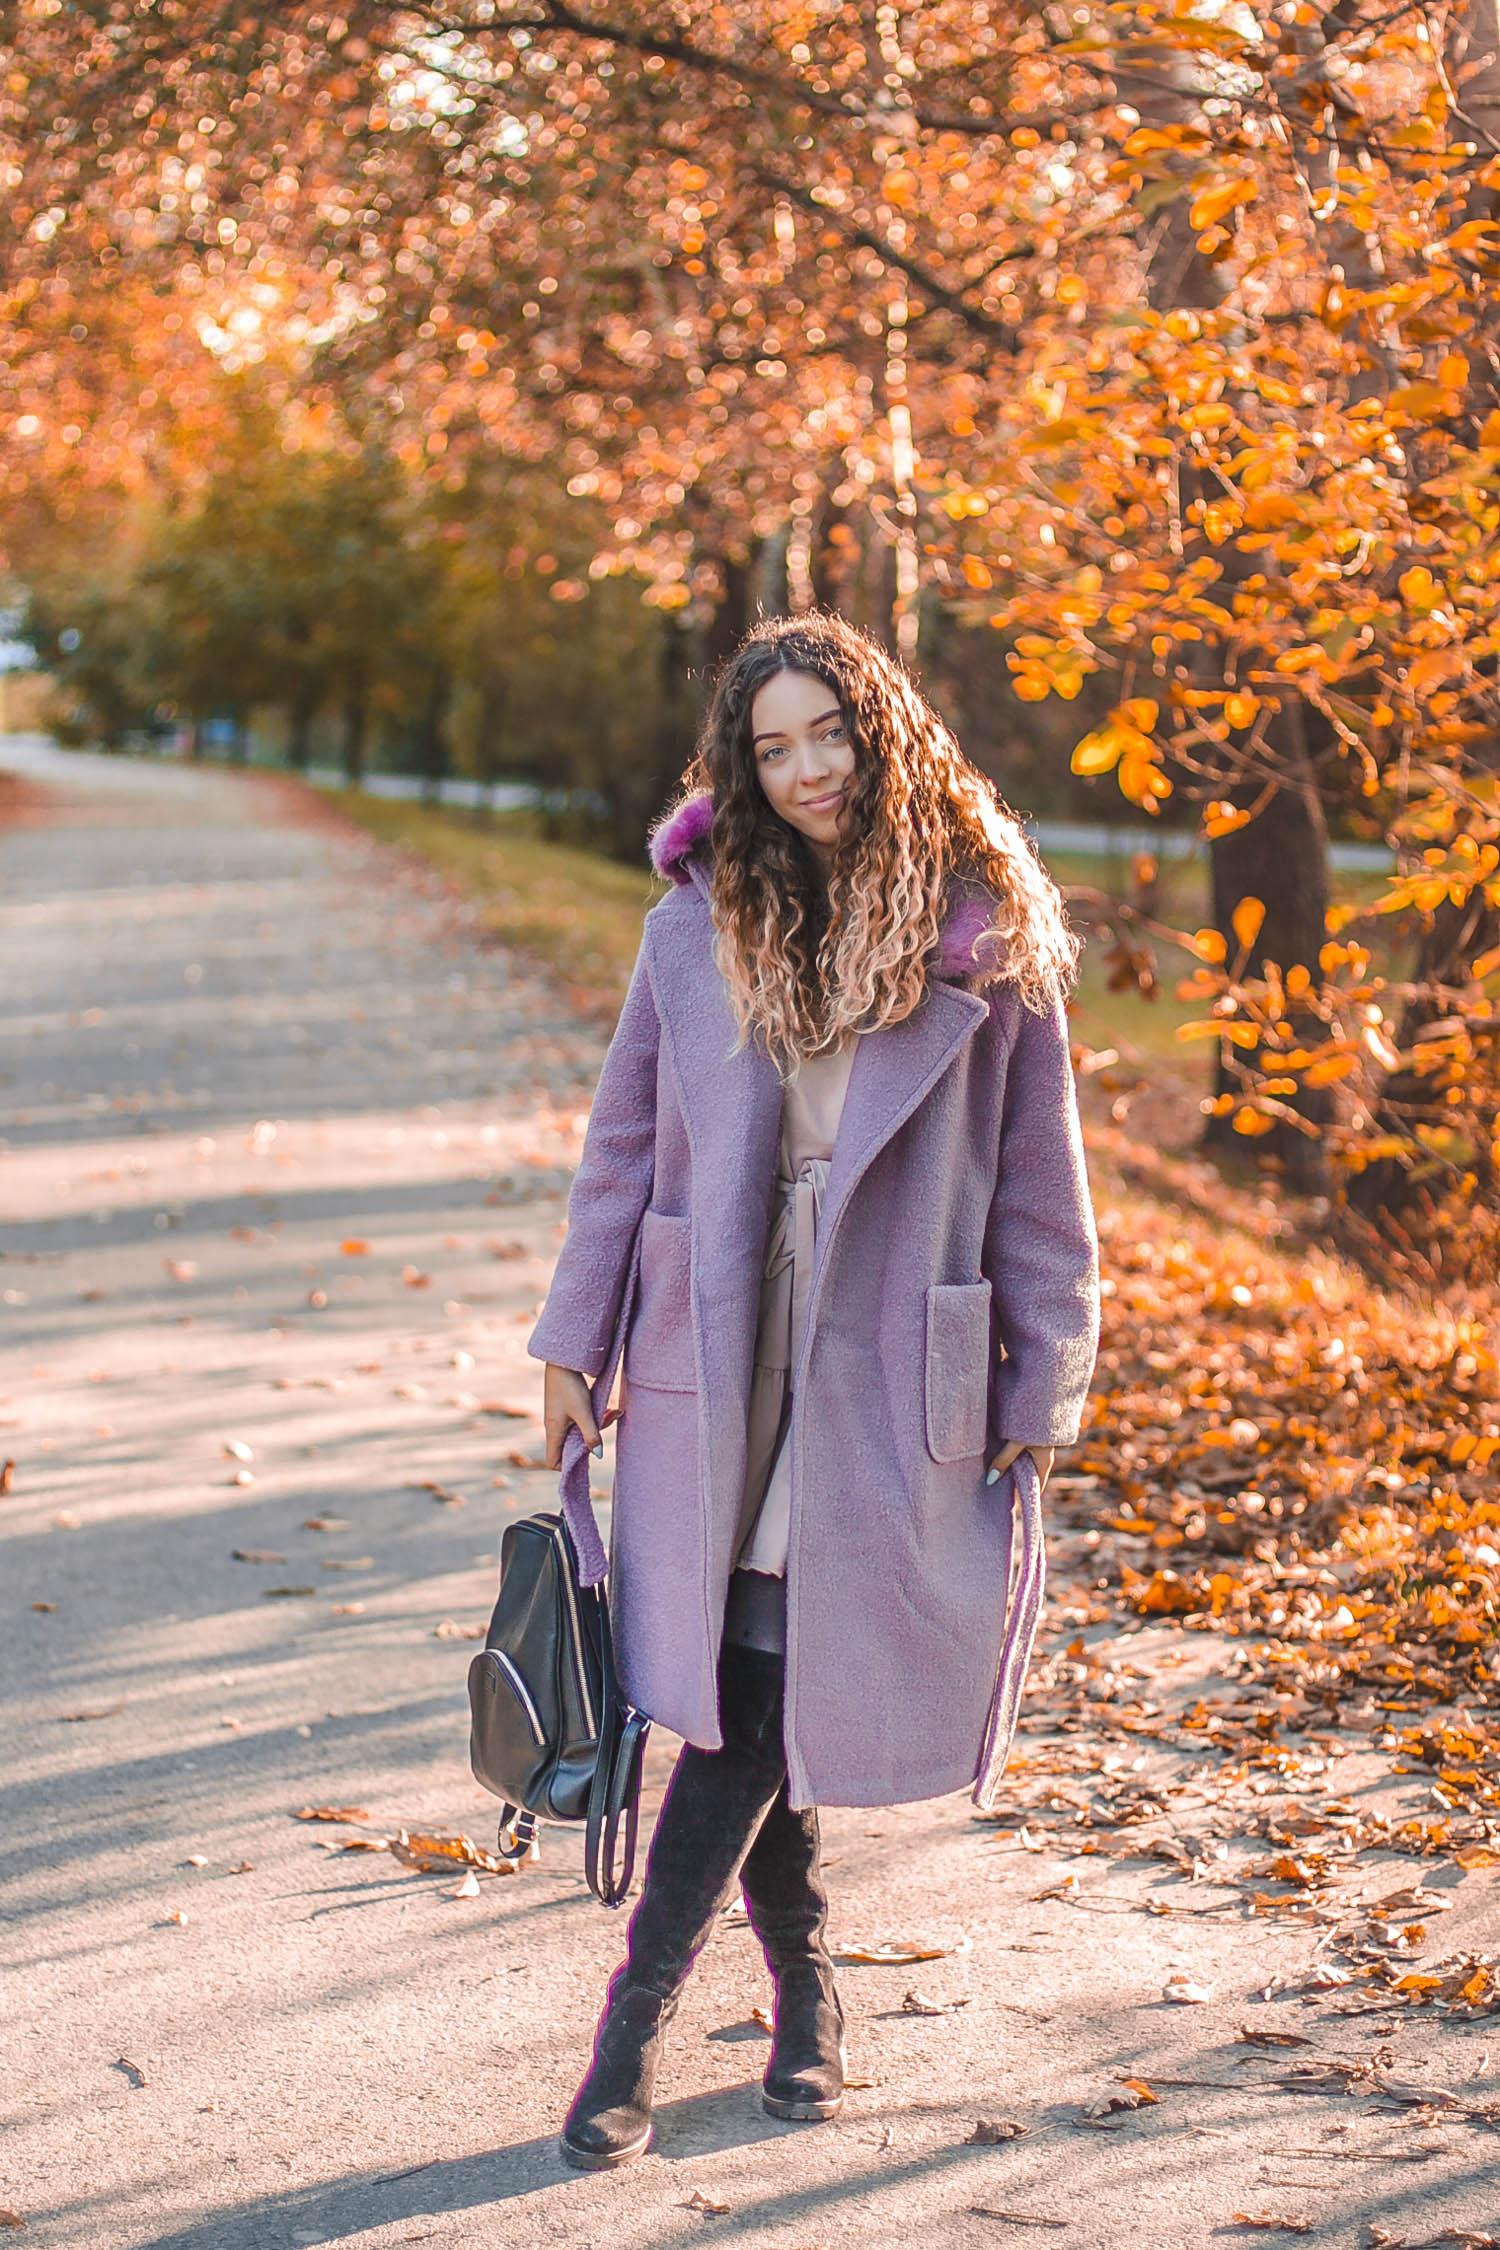 jesienna stylizacja z płaszczem